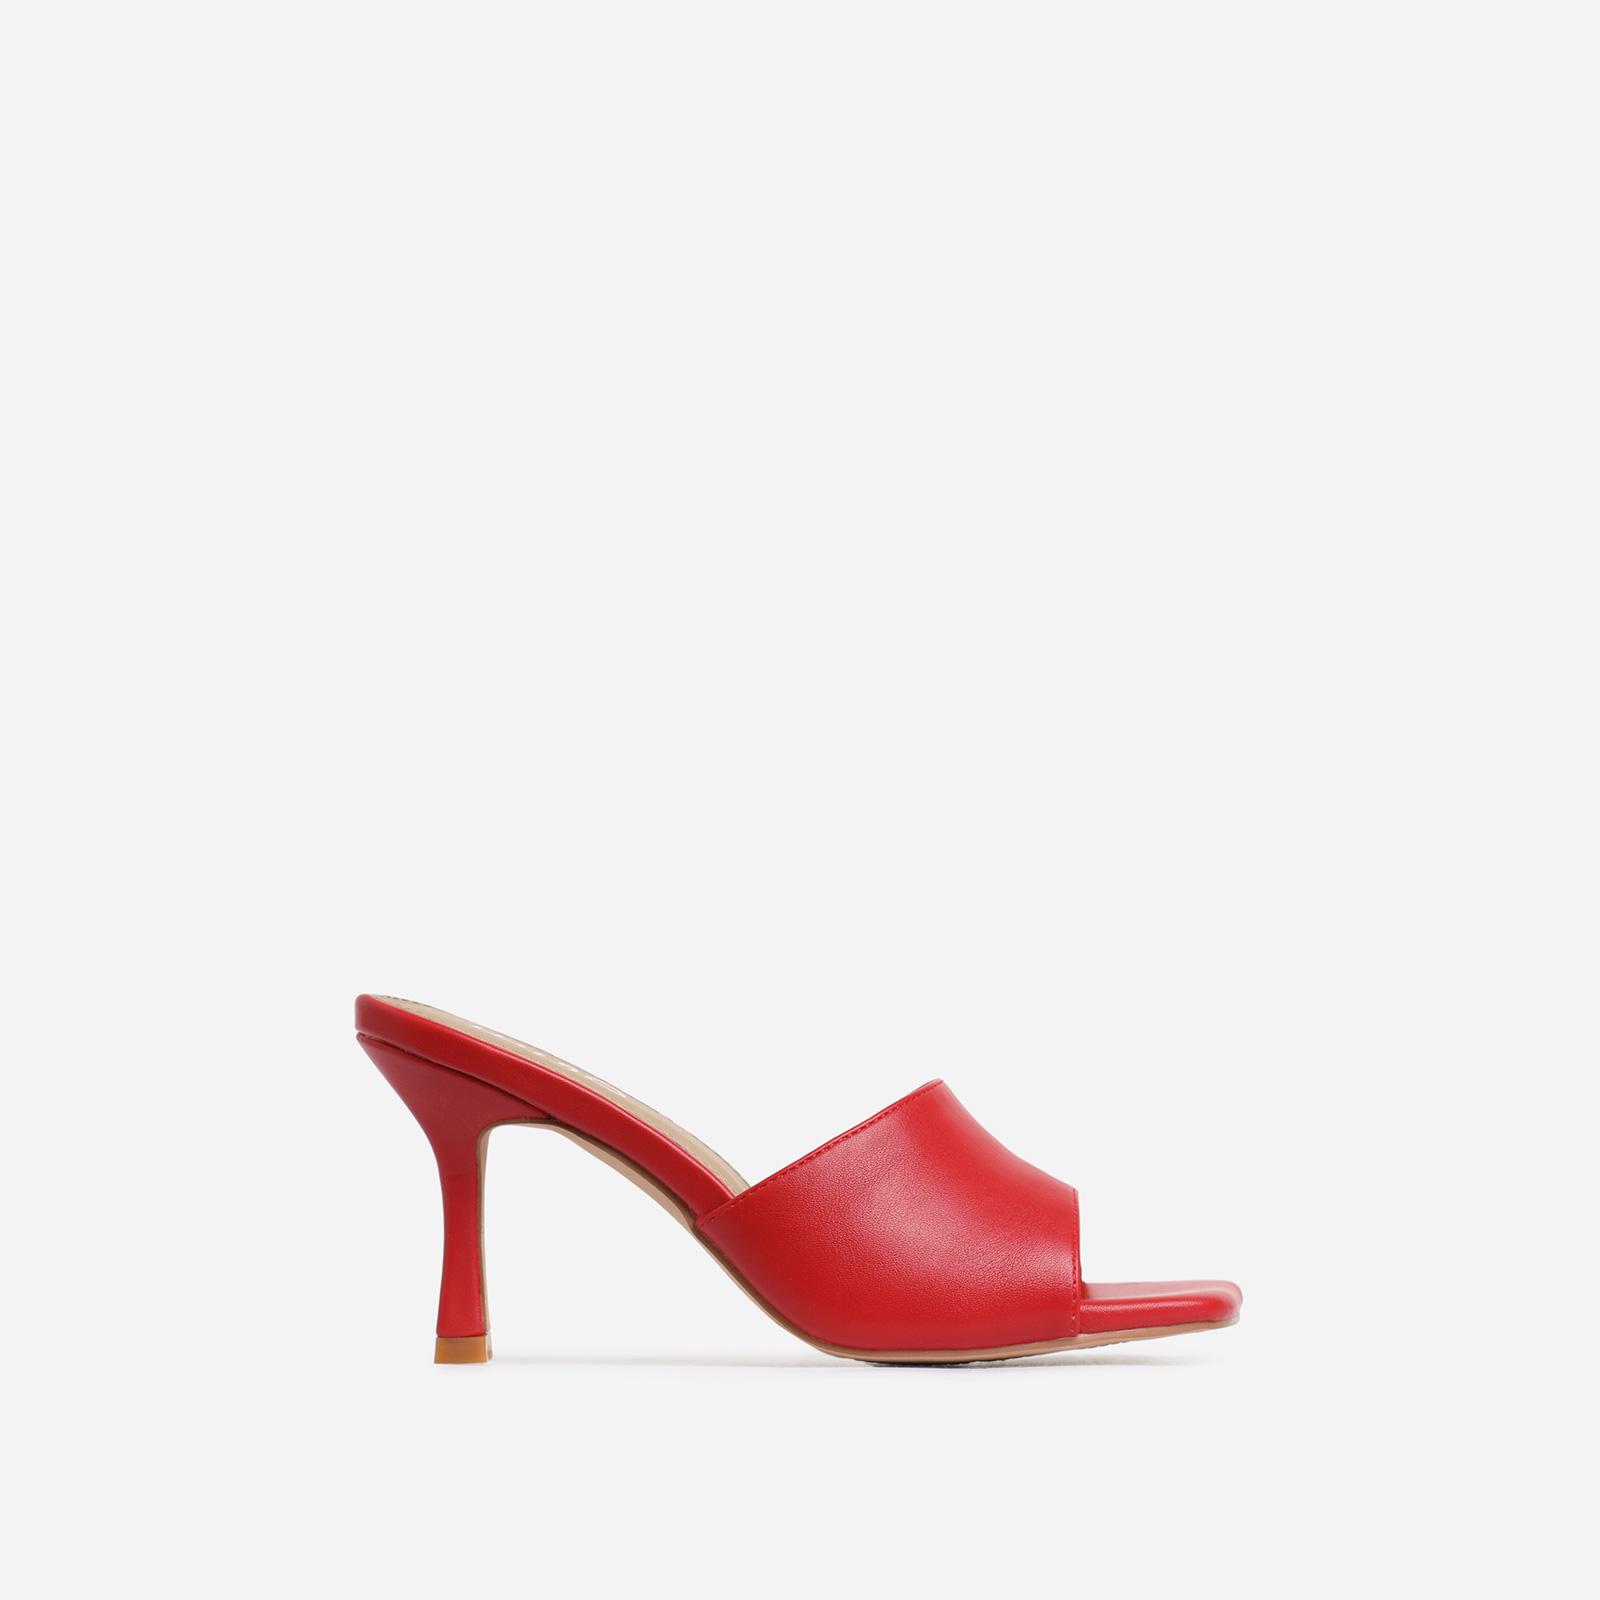 Hilton Square Peep Toe Kitten Heel Mule In Red Faux Leather